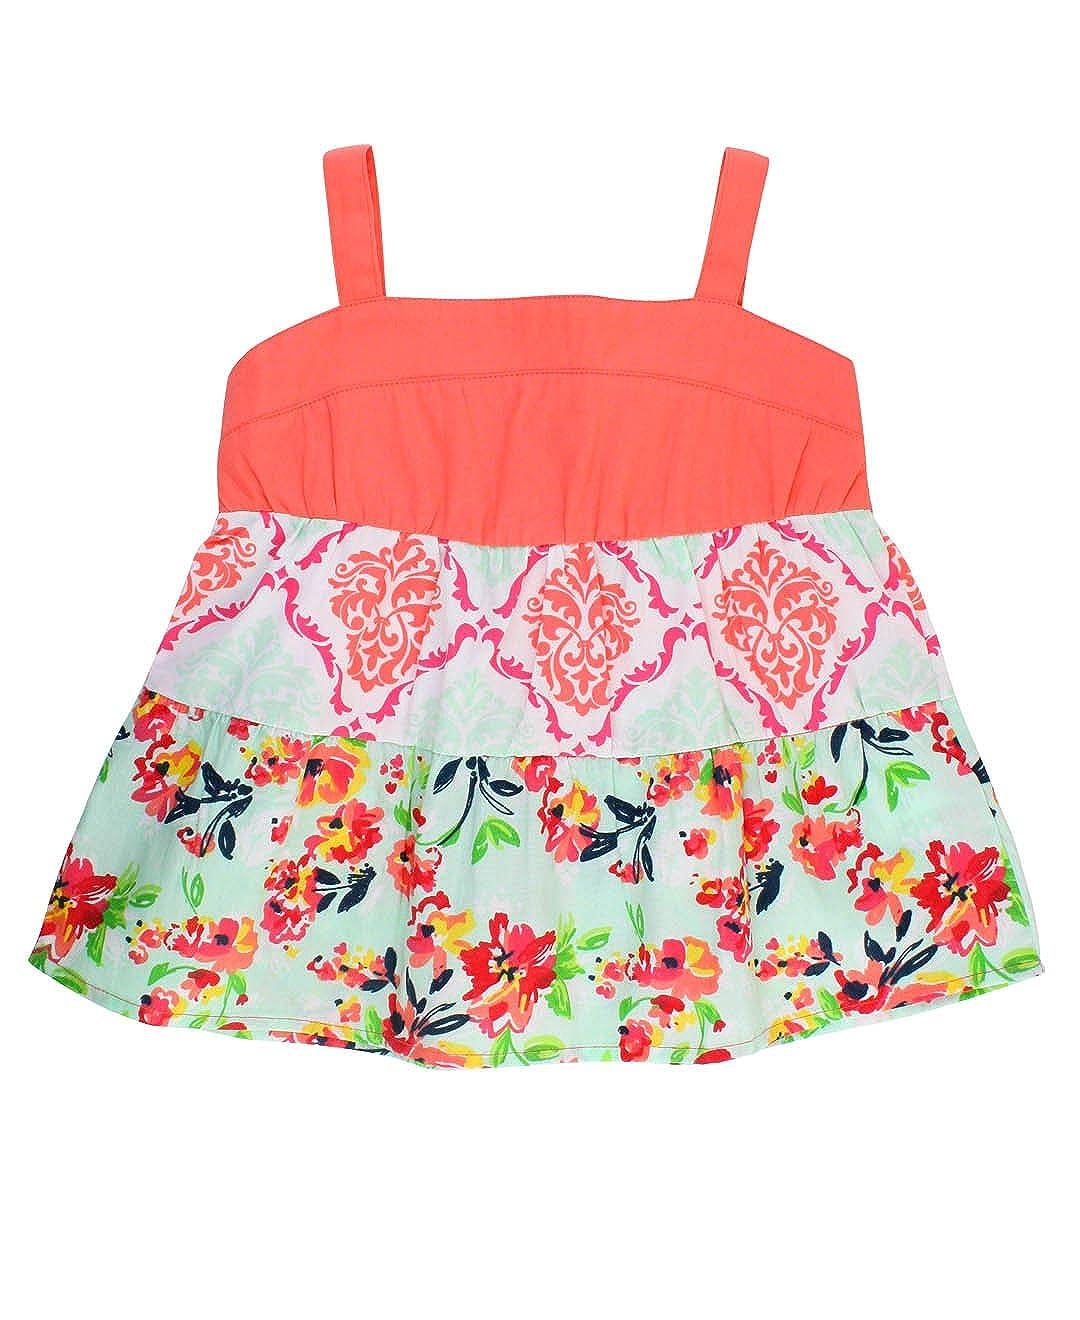 RuffleButts Infant/Toddler Girls Floral Mix-Print A-Line Tank TTWPIXX-PFDM-BABY